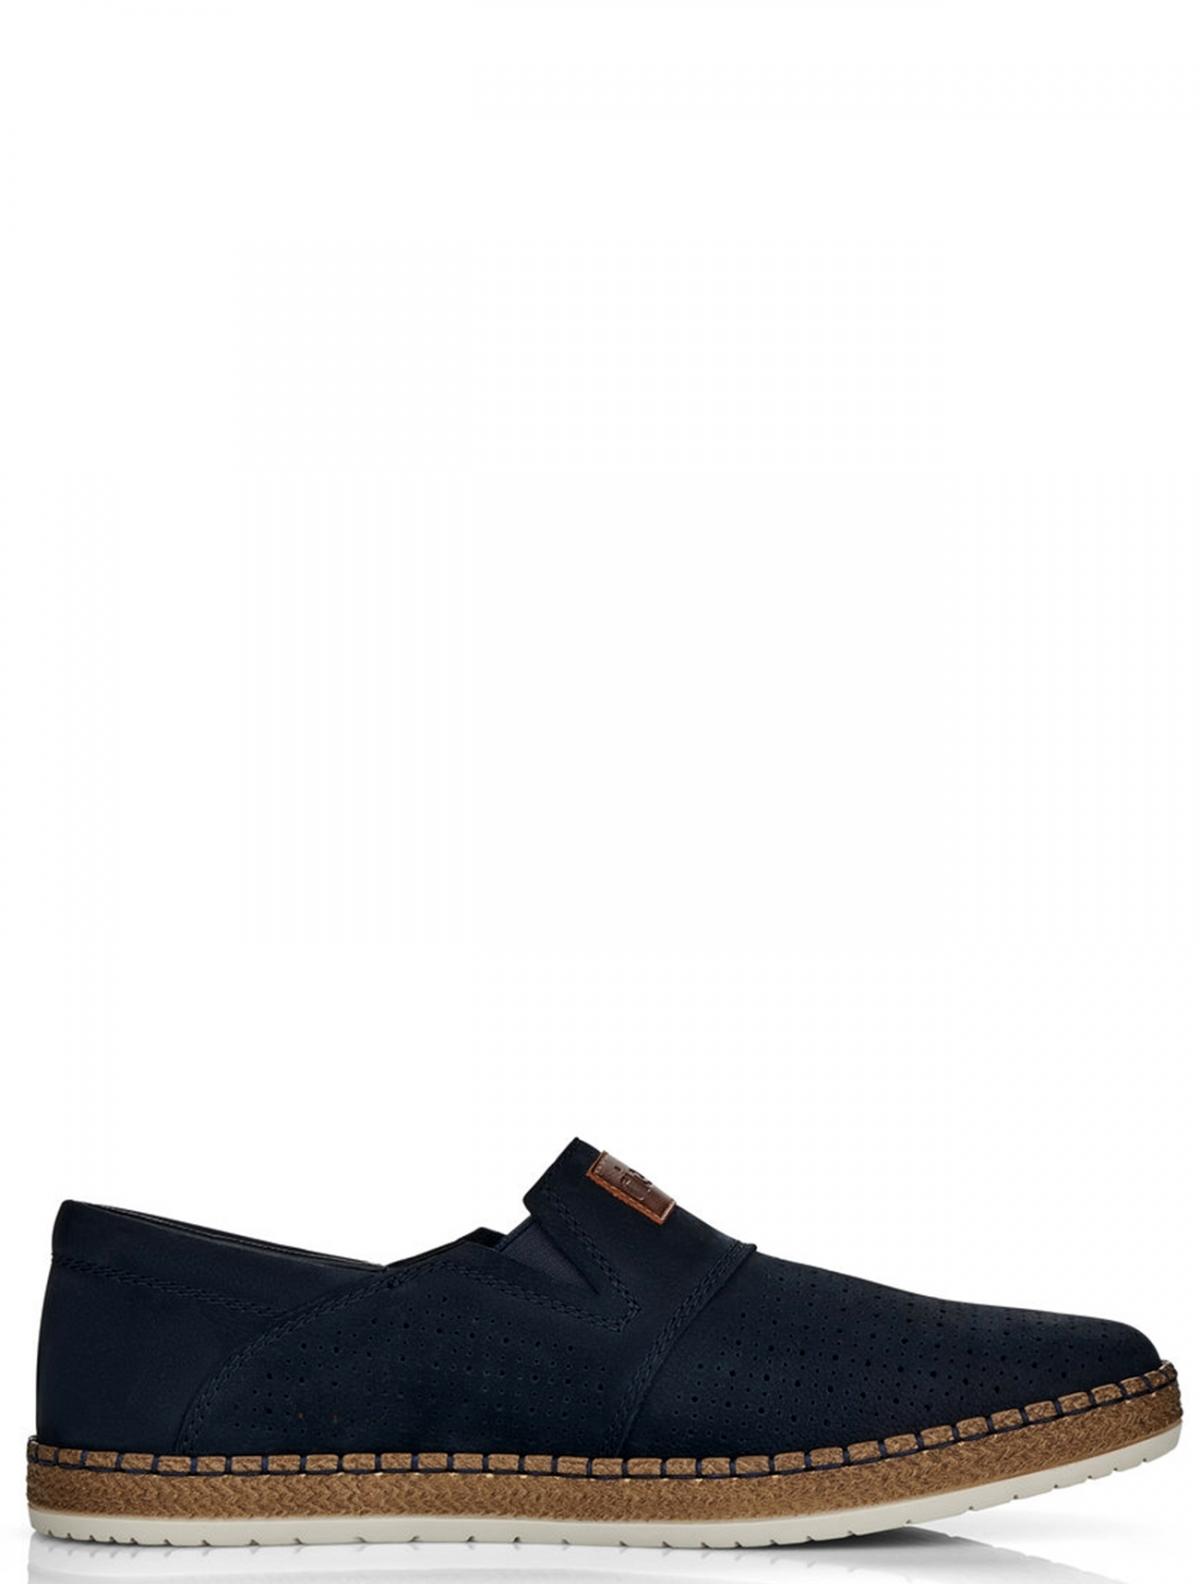 Rieker B5256-14 мужские туфли